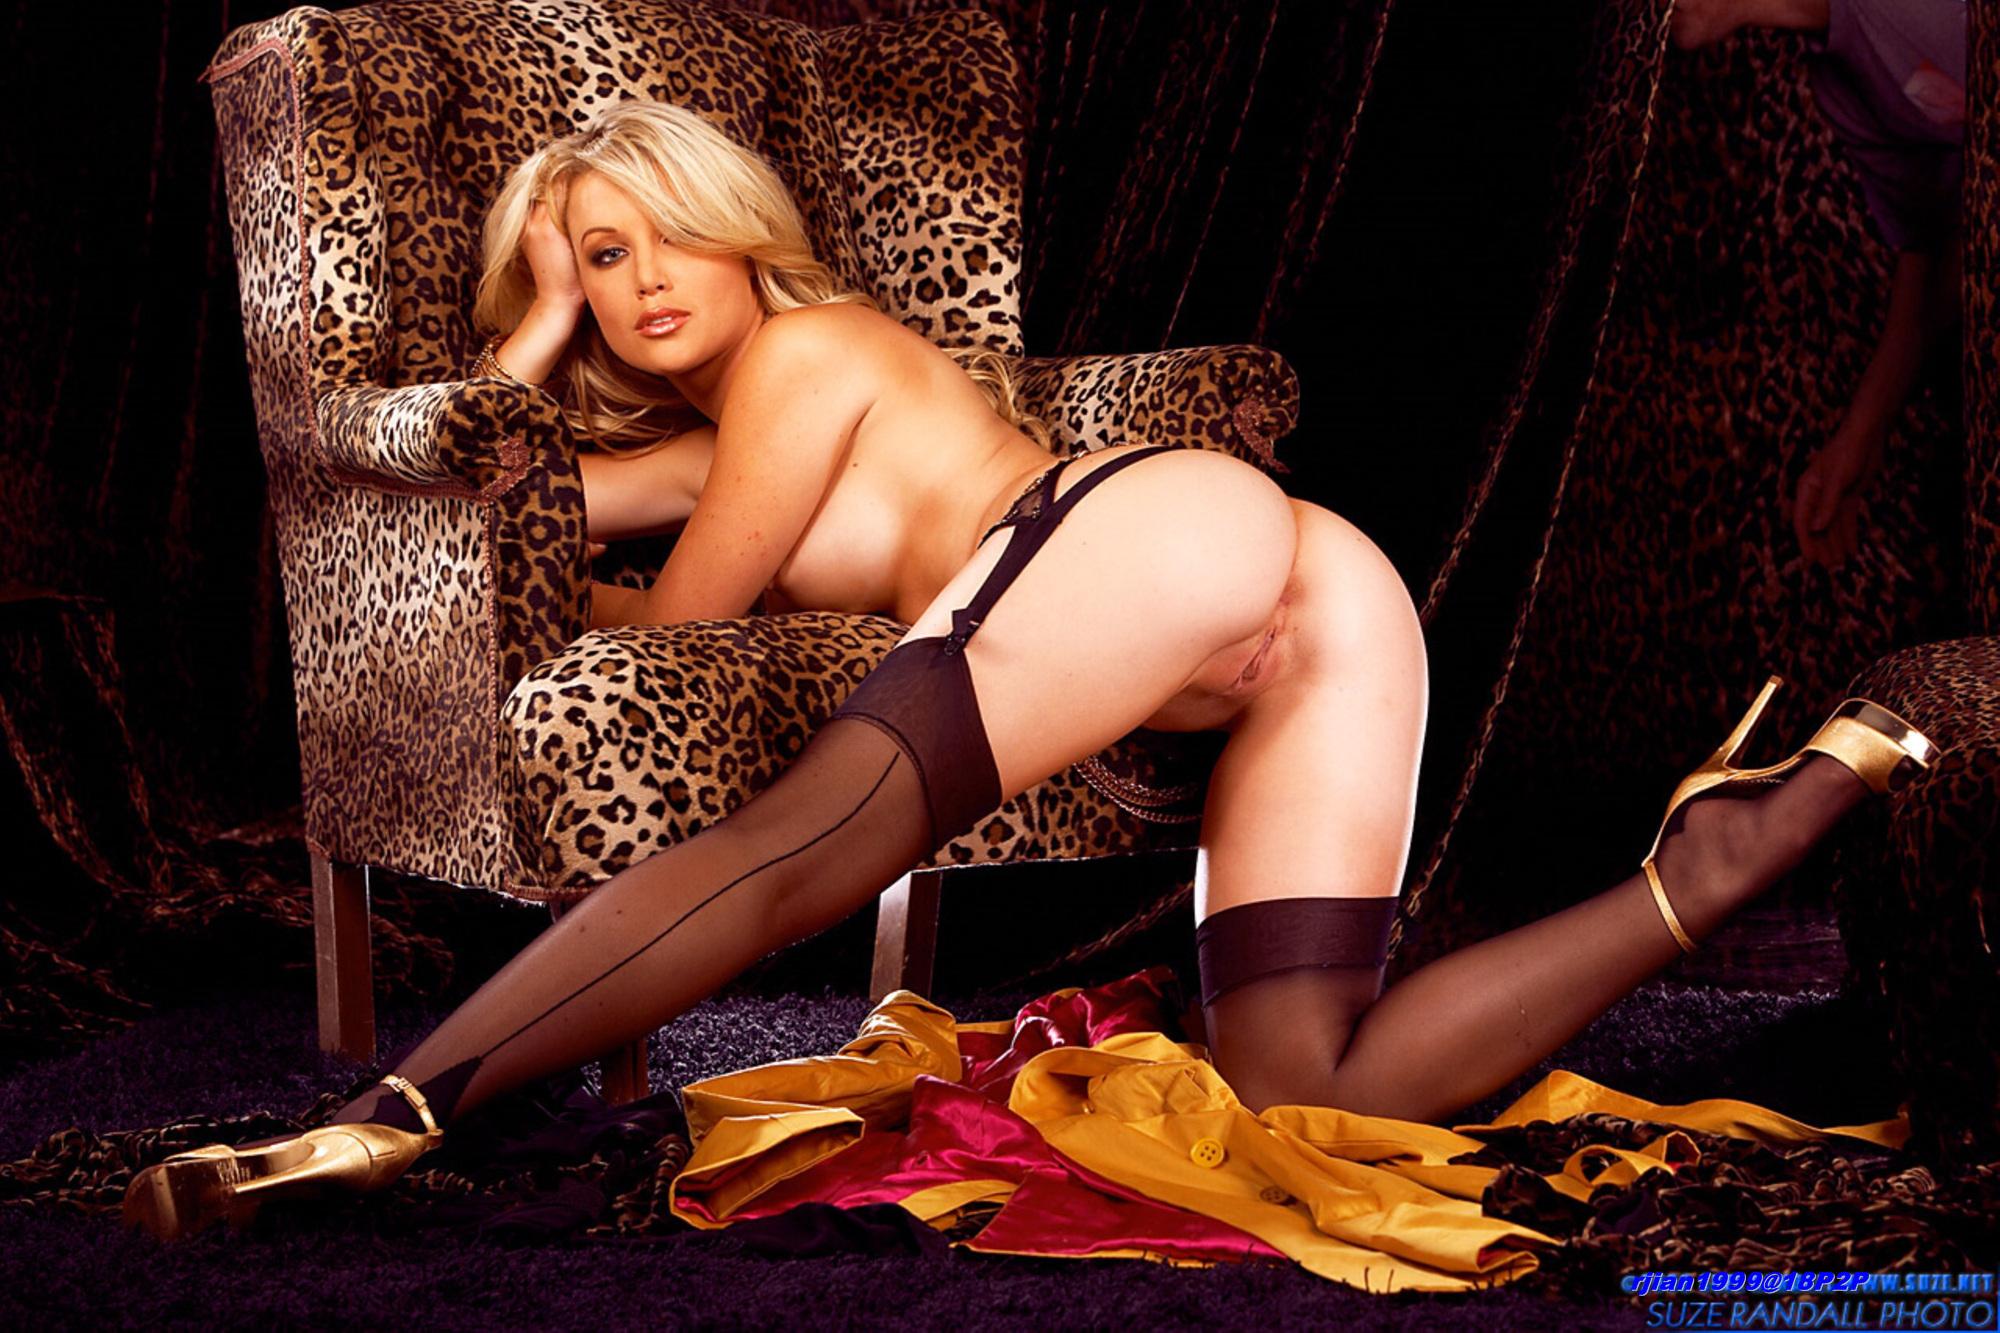 Фото жены в сексуальной одежде 21 фотография